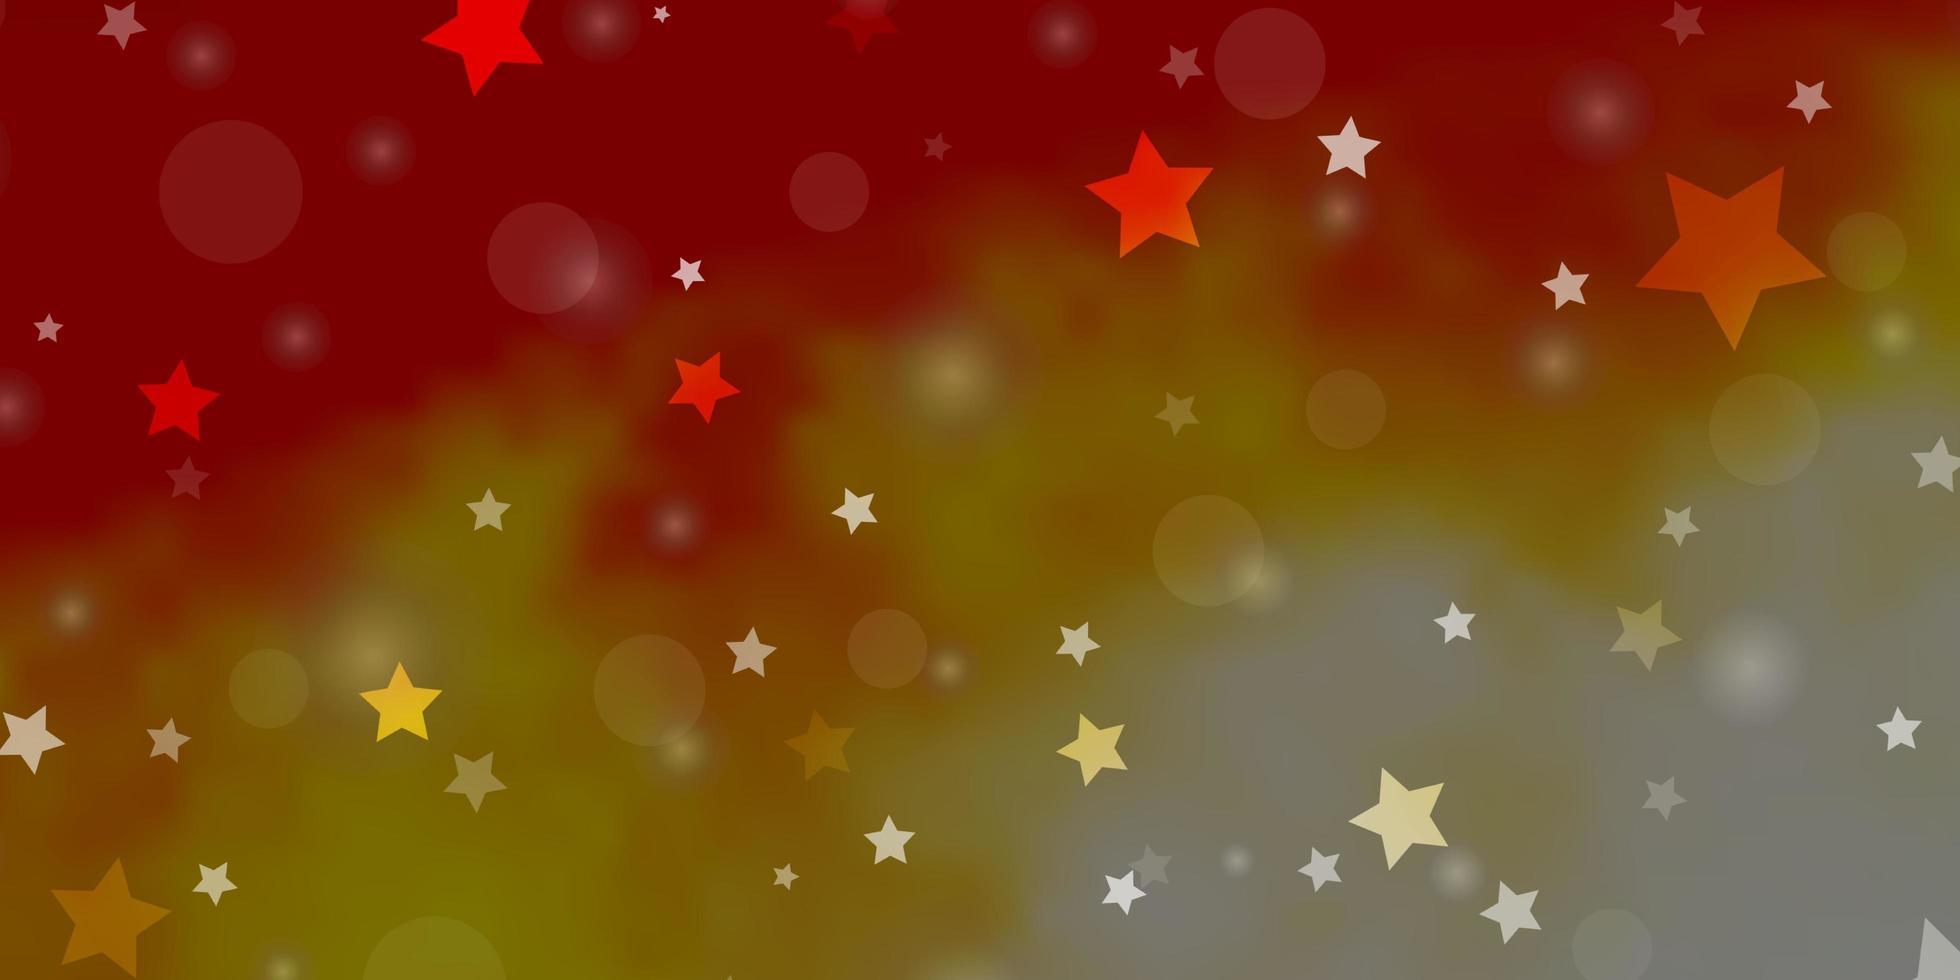 disposition de vecteur orange clair avec des cercles, des étoiles.